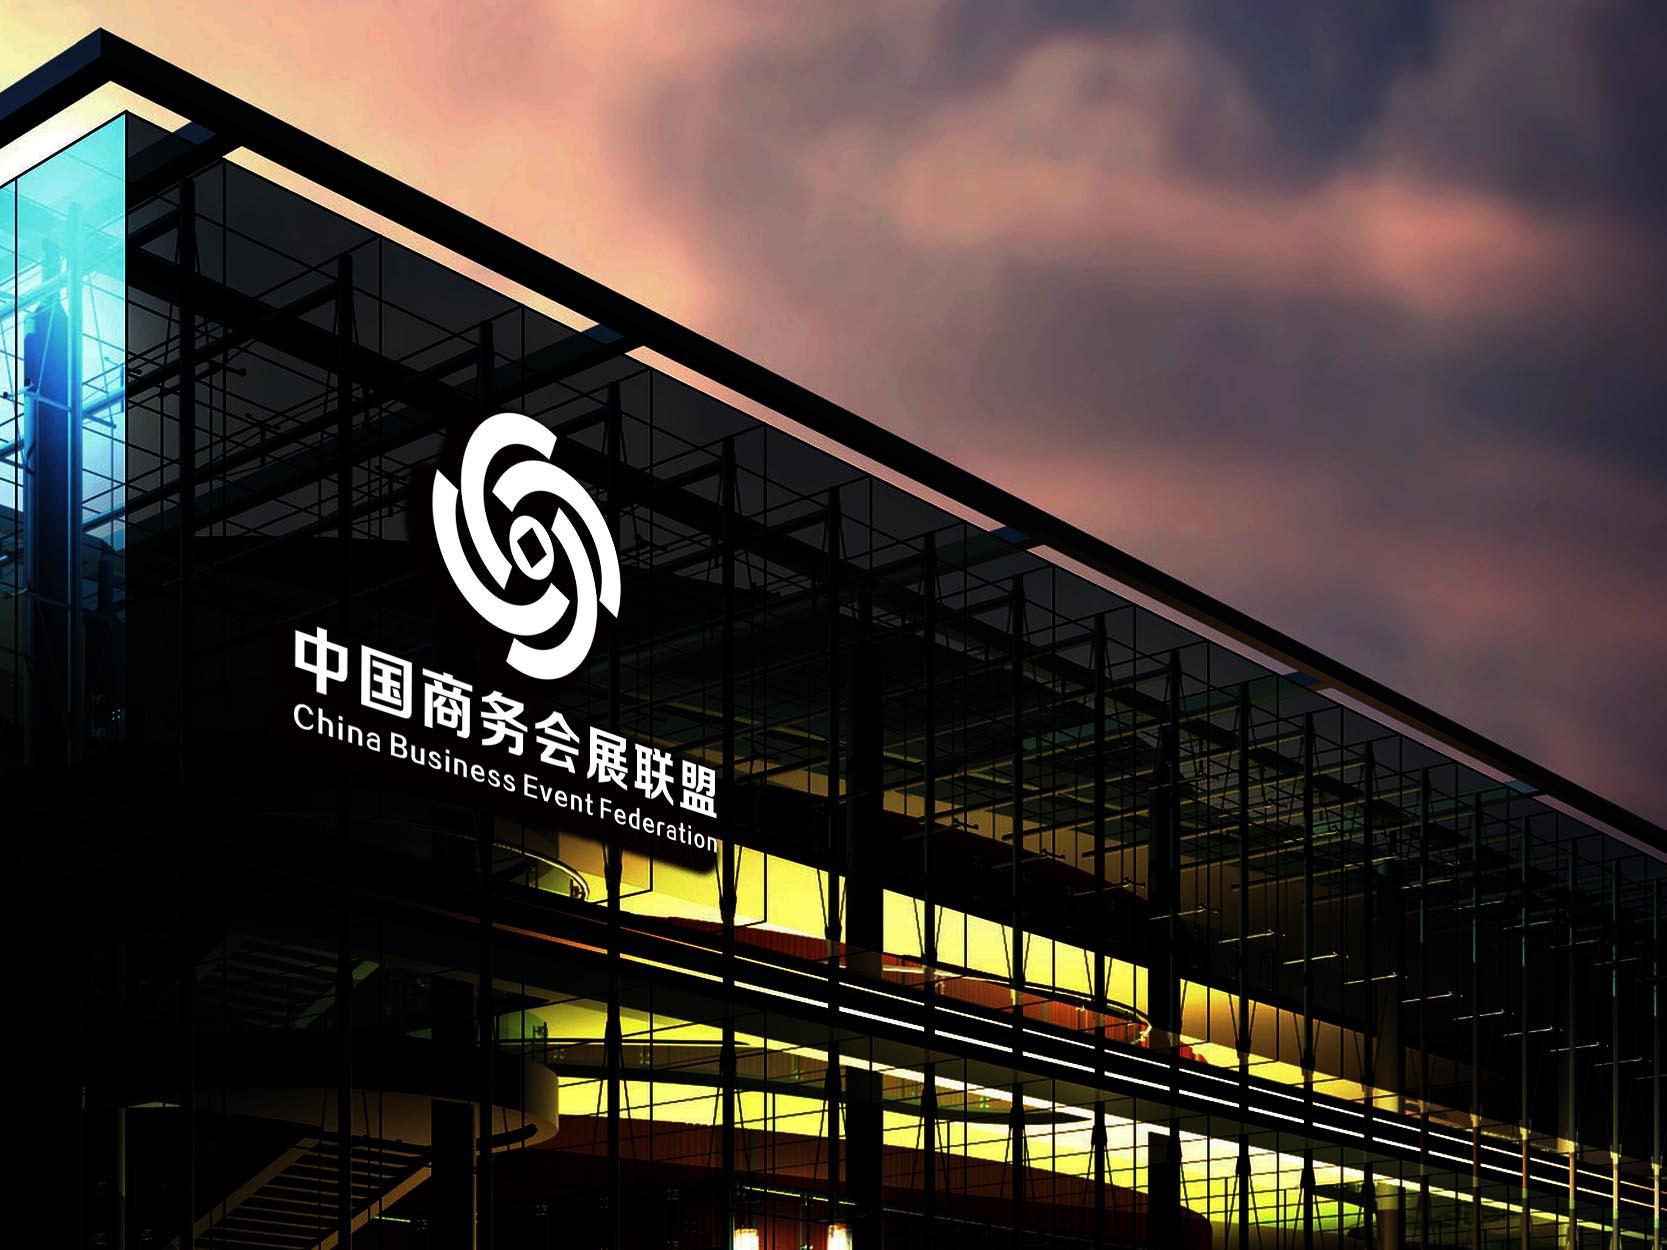 设计中国商务会展联盟logo_2957559_k68威客网